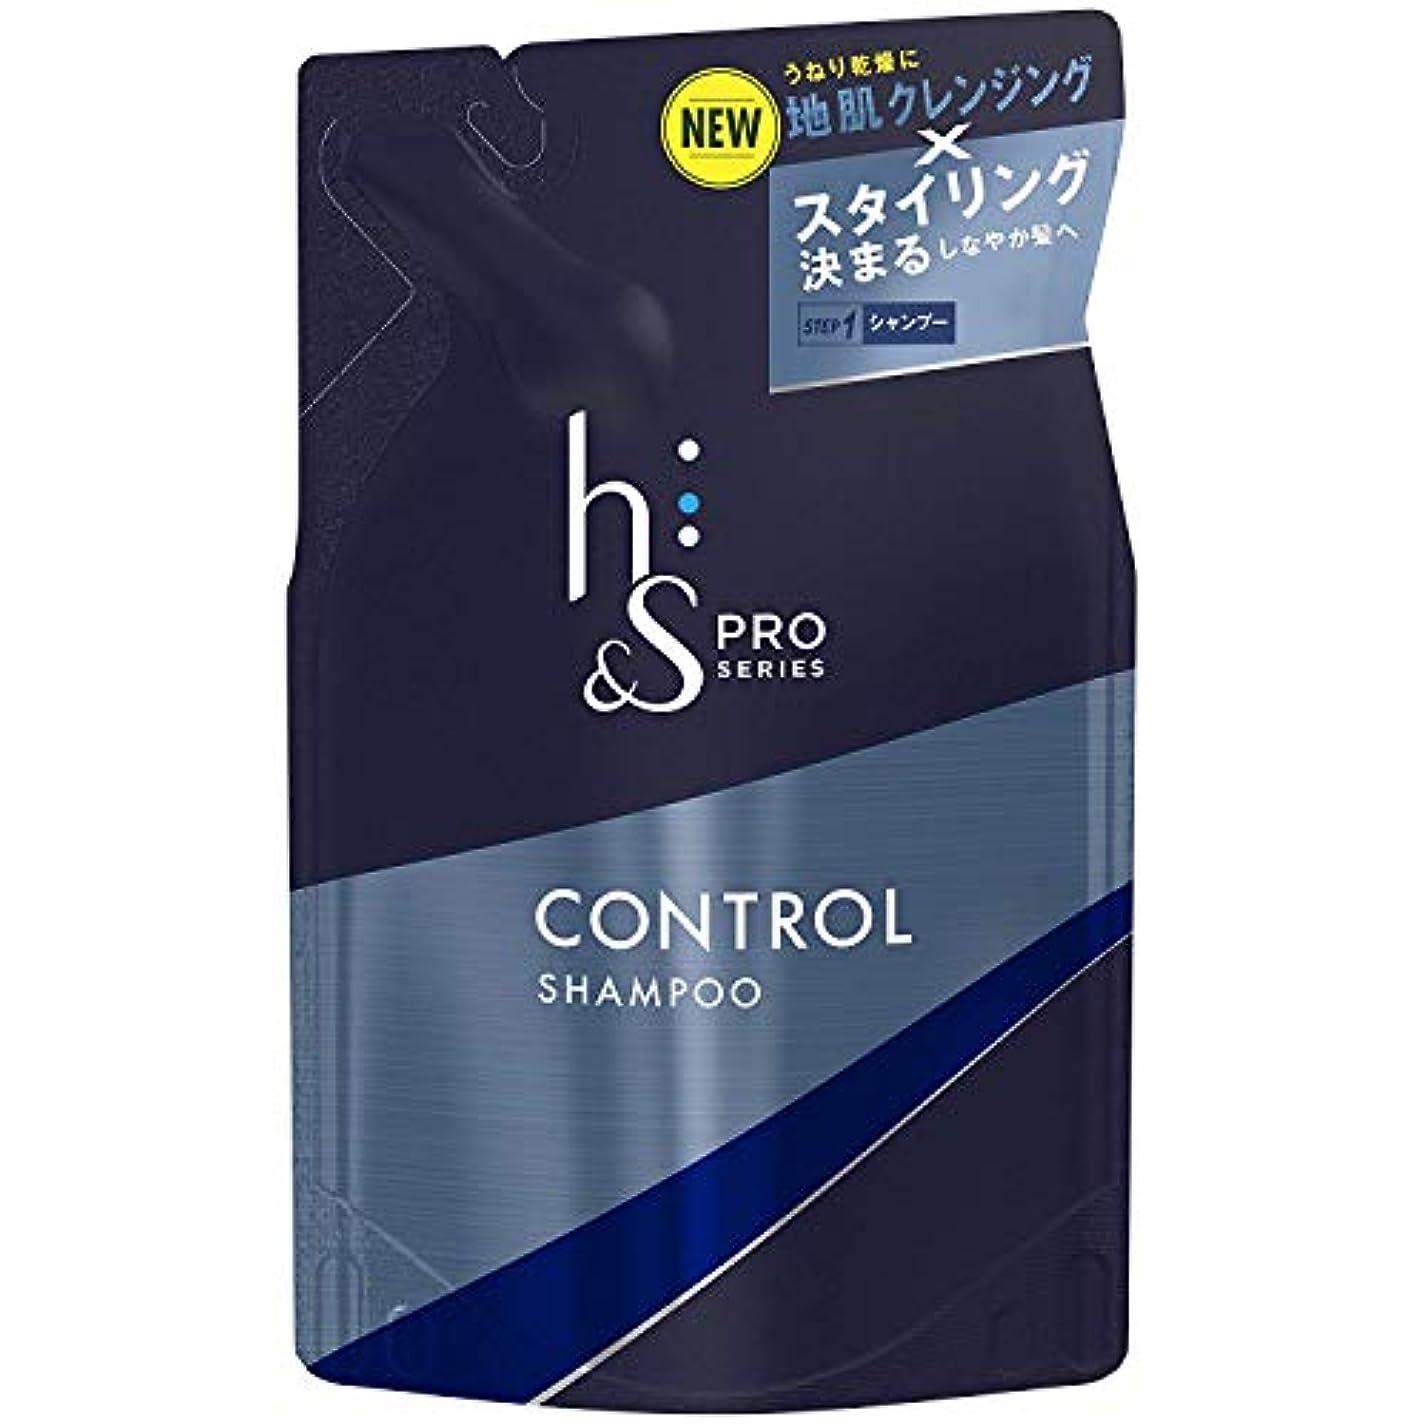 望む実業家アレイ【3個セット】h&s PRO (エイチアンドエス プロ) メンズ シャンプー コントロール 詰め替え (スタイリング重視) 300mL